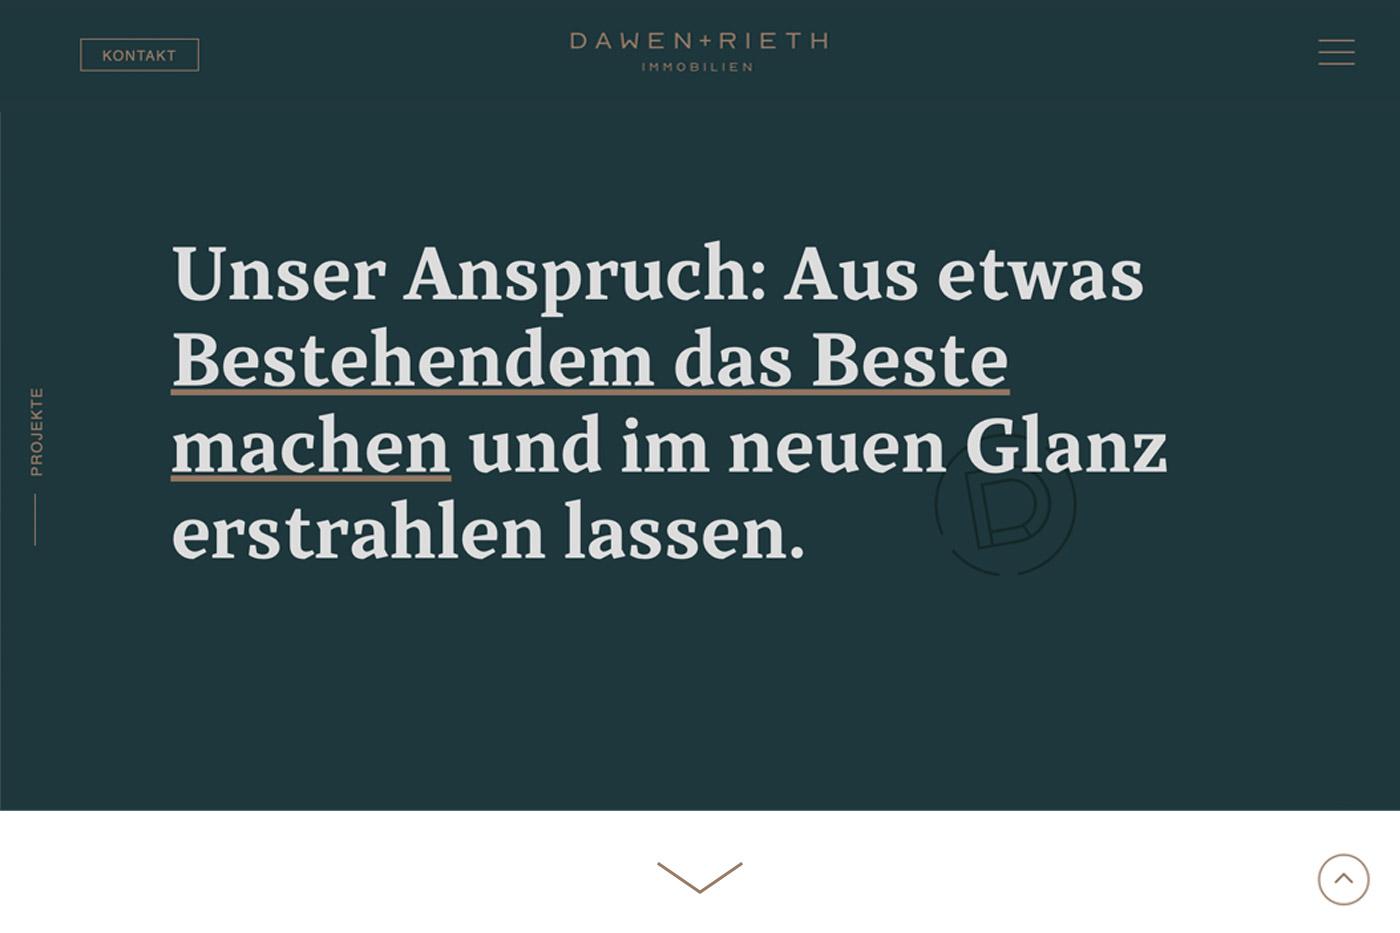 https://duktor.lu/wp-content/uploads/2021/05/duktor-projekt-dawen-rieth-corporate_design_28.jpg